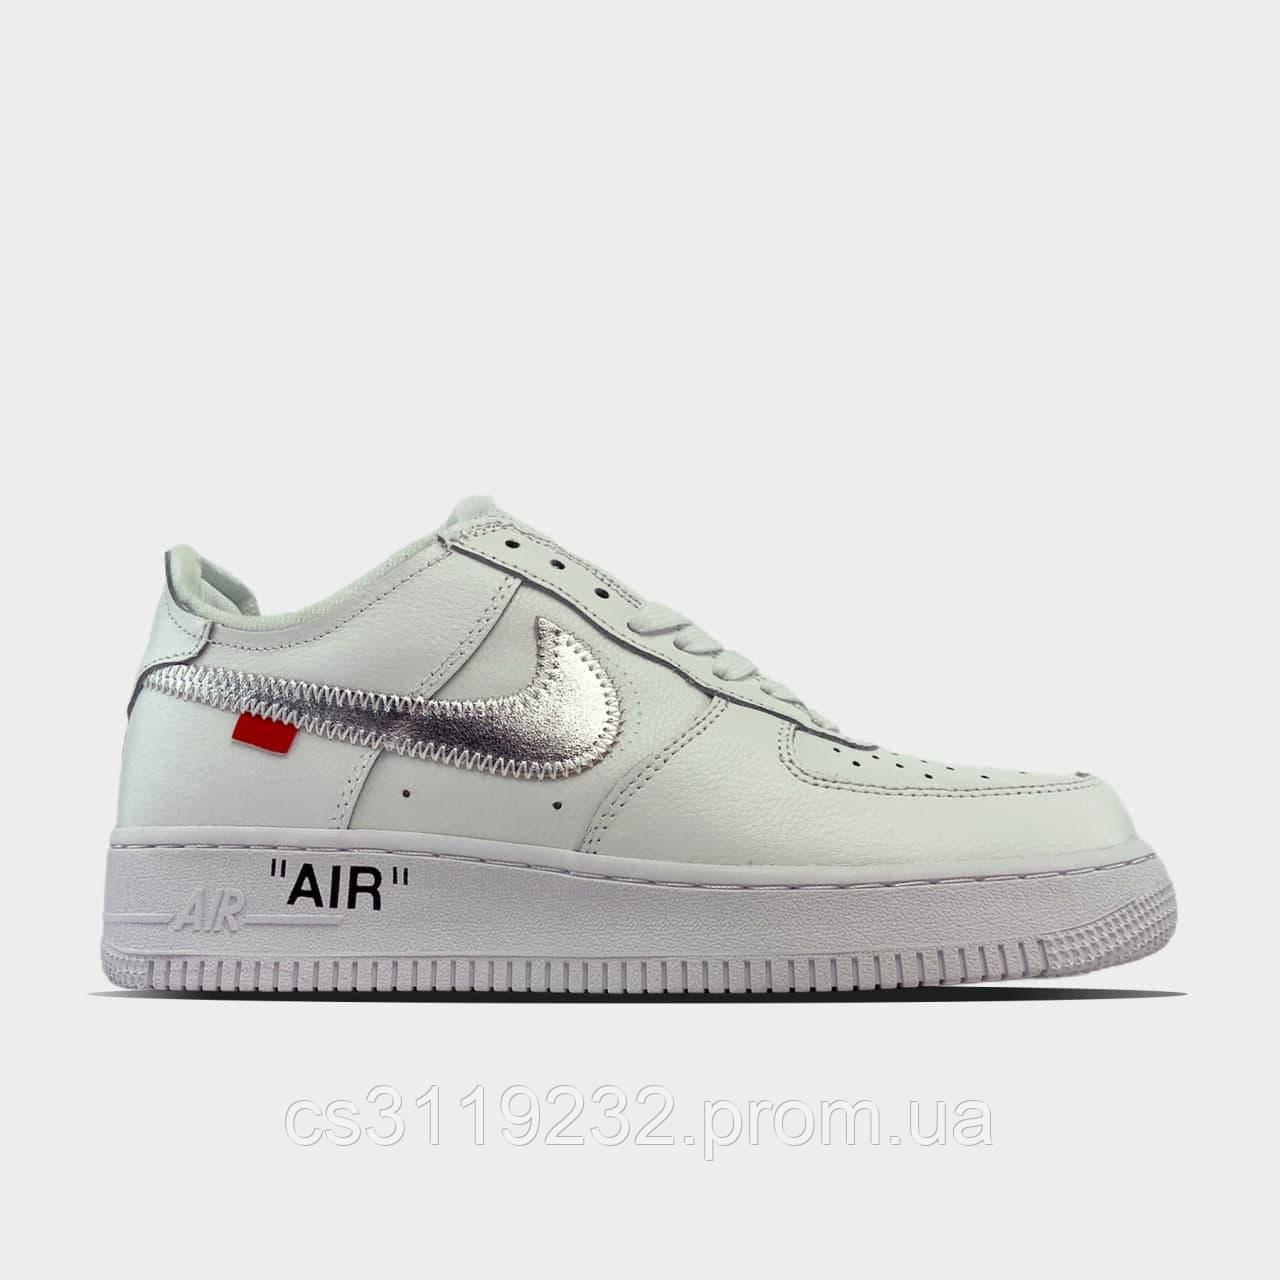 Жіночі кросівки Nike Air Force 1 '07 Low SE Premium White Black (білі)